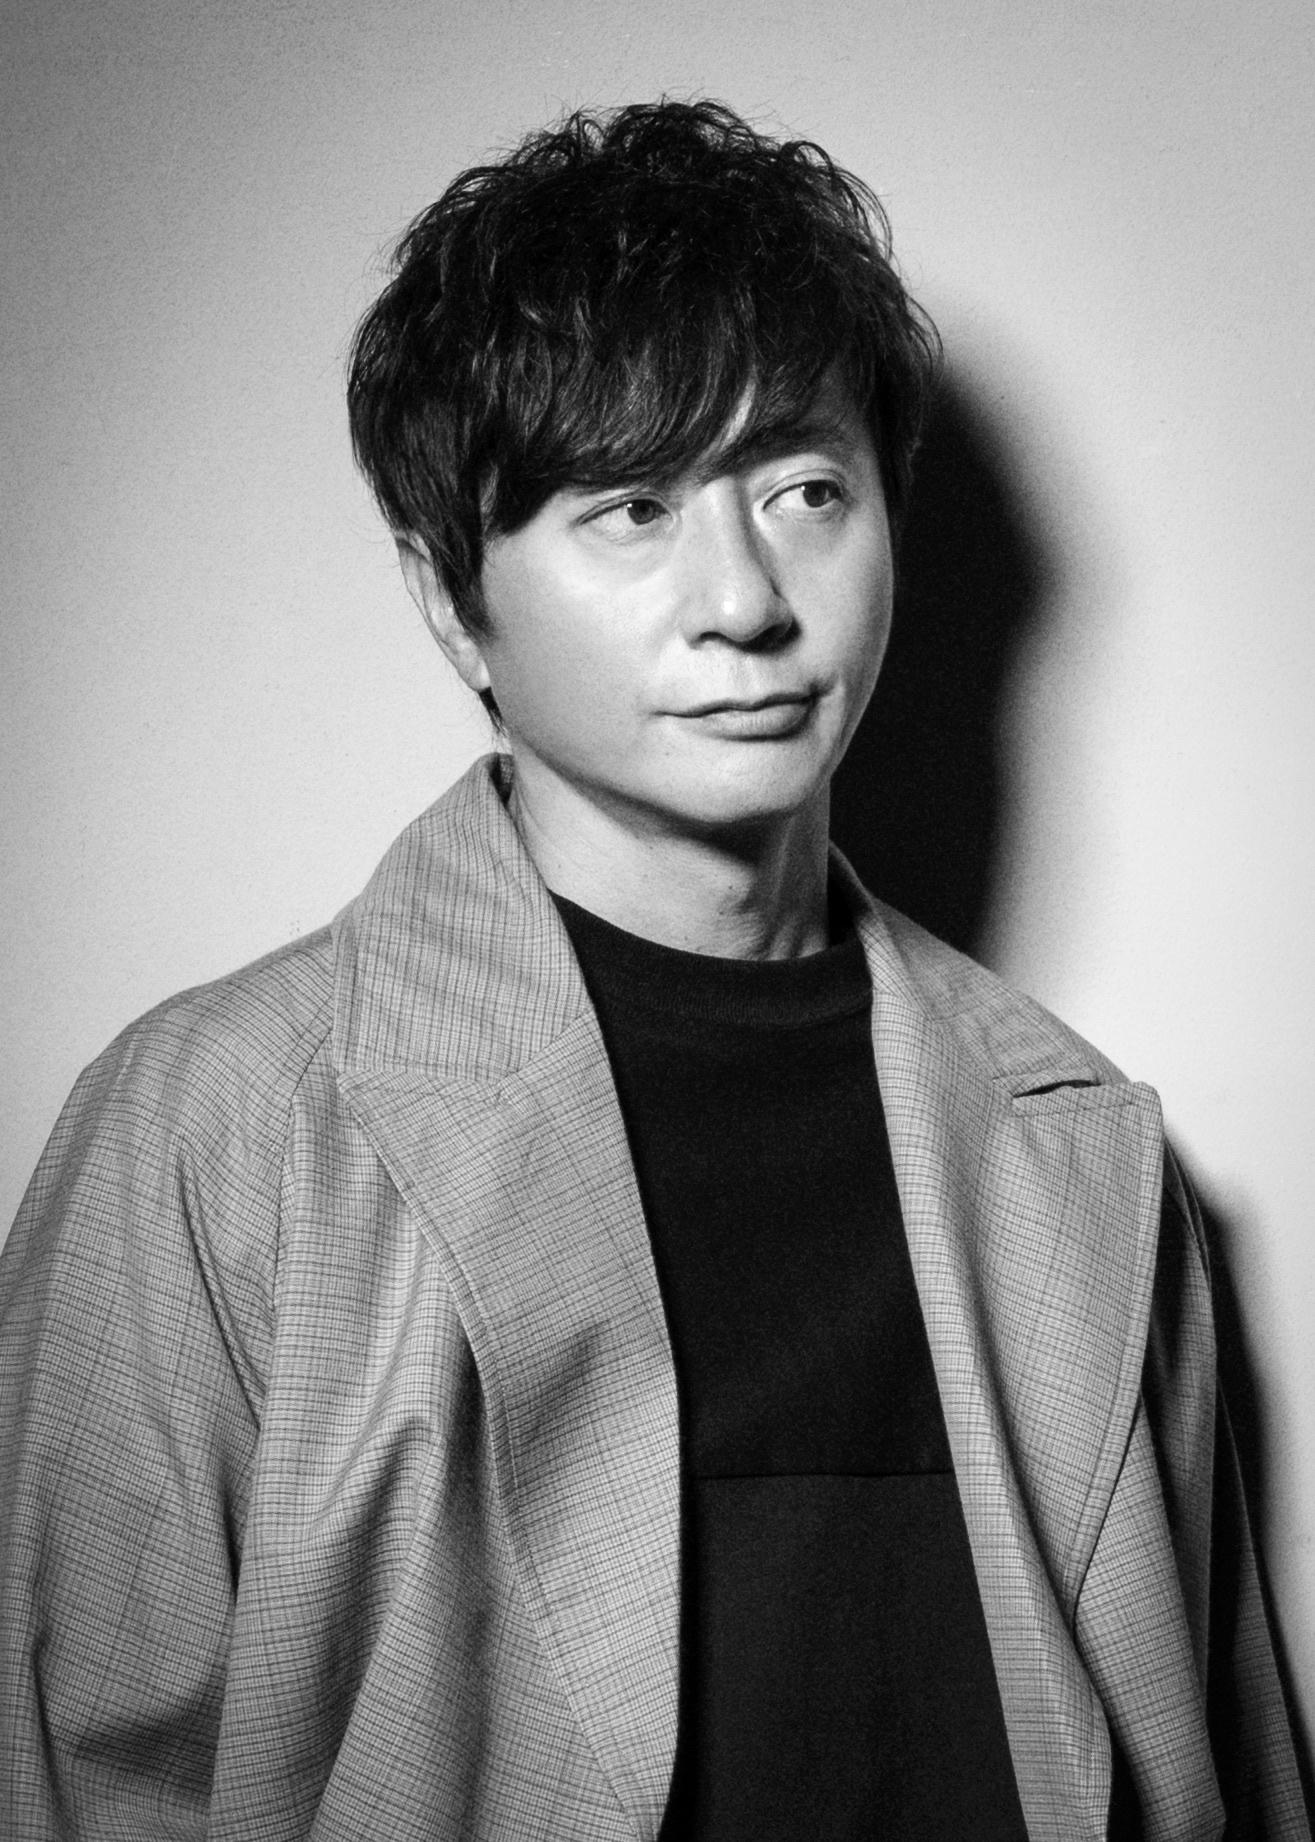 ポルノグラフィティ・岡野昭仁